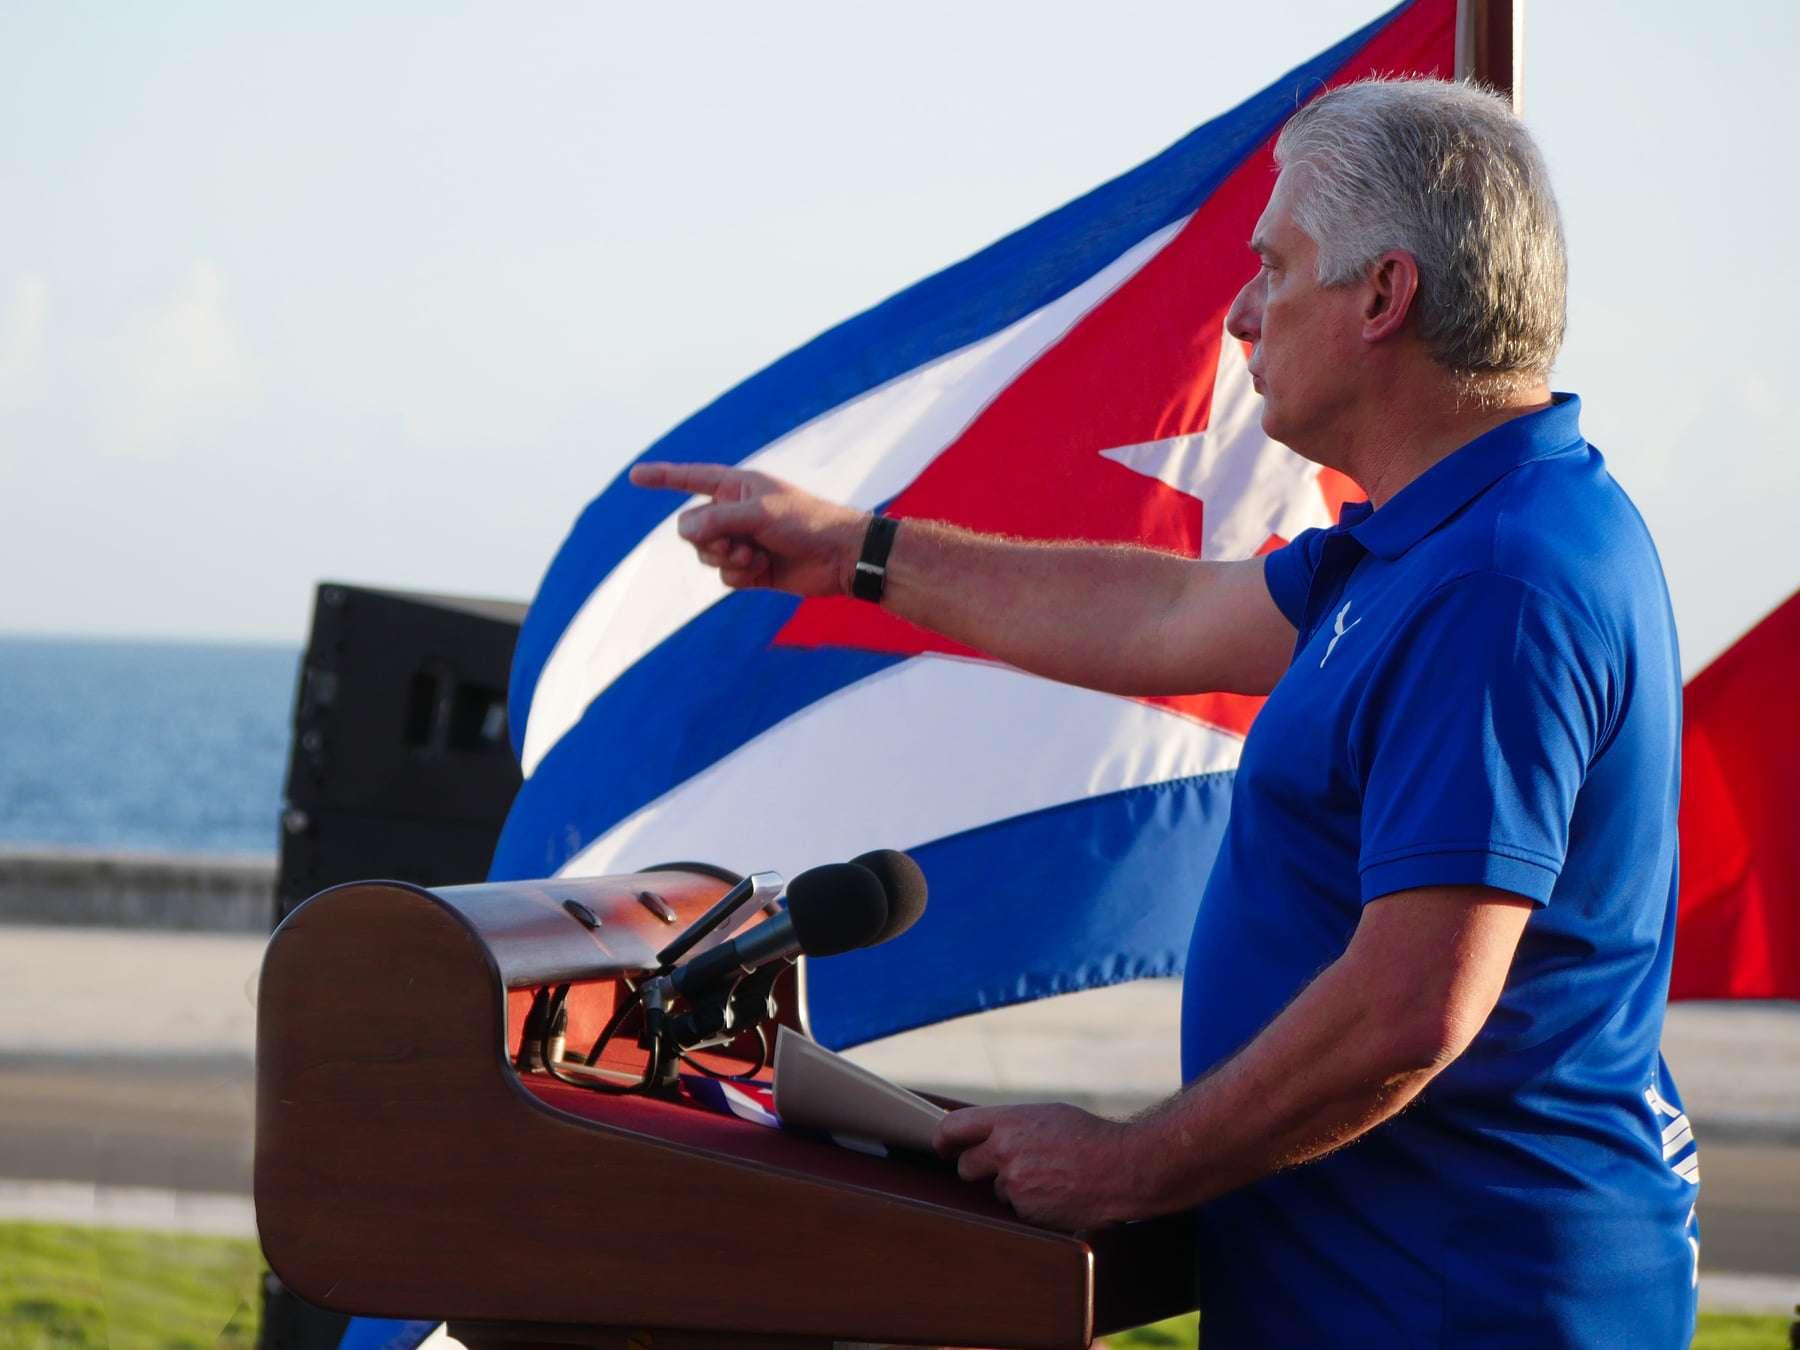 Todo el pueblo se levanta por la soberanía la defensa y la seguridad de Cuba Diaz Canel